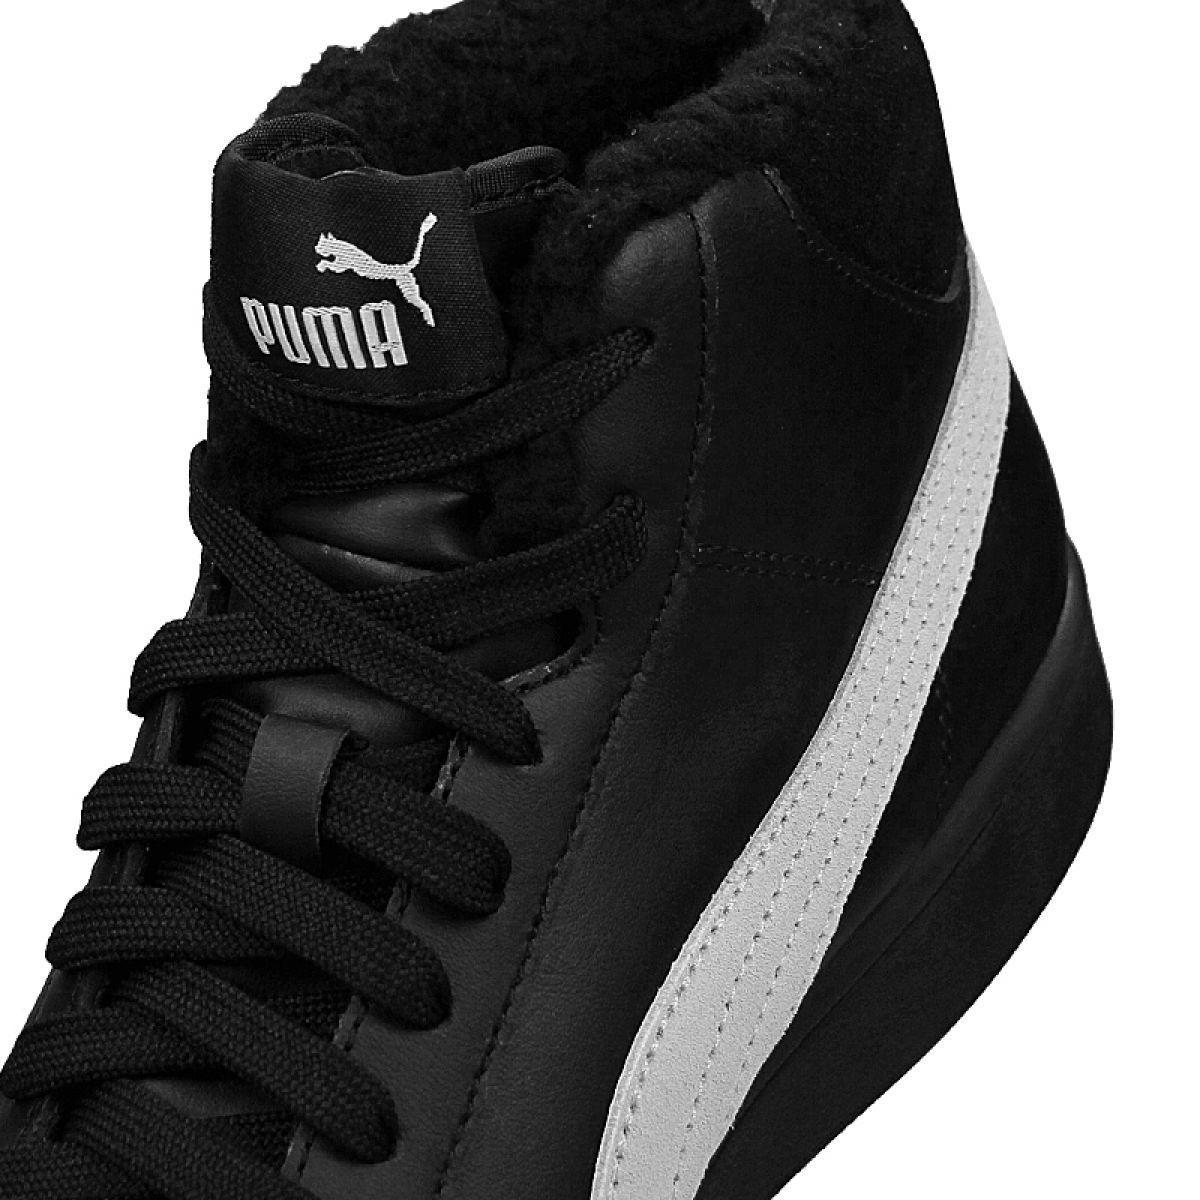 Children S Sports Shoes For Children Puma Puma Smash V2 Mid L Fur Jr 366895 05 Shoes Black Junior Shoes Black Shoes Shoes